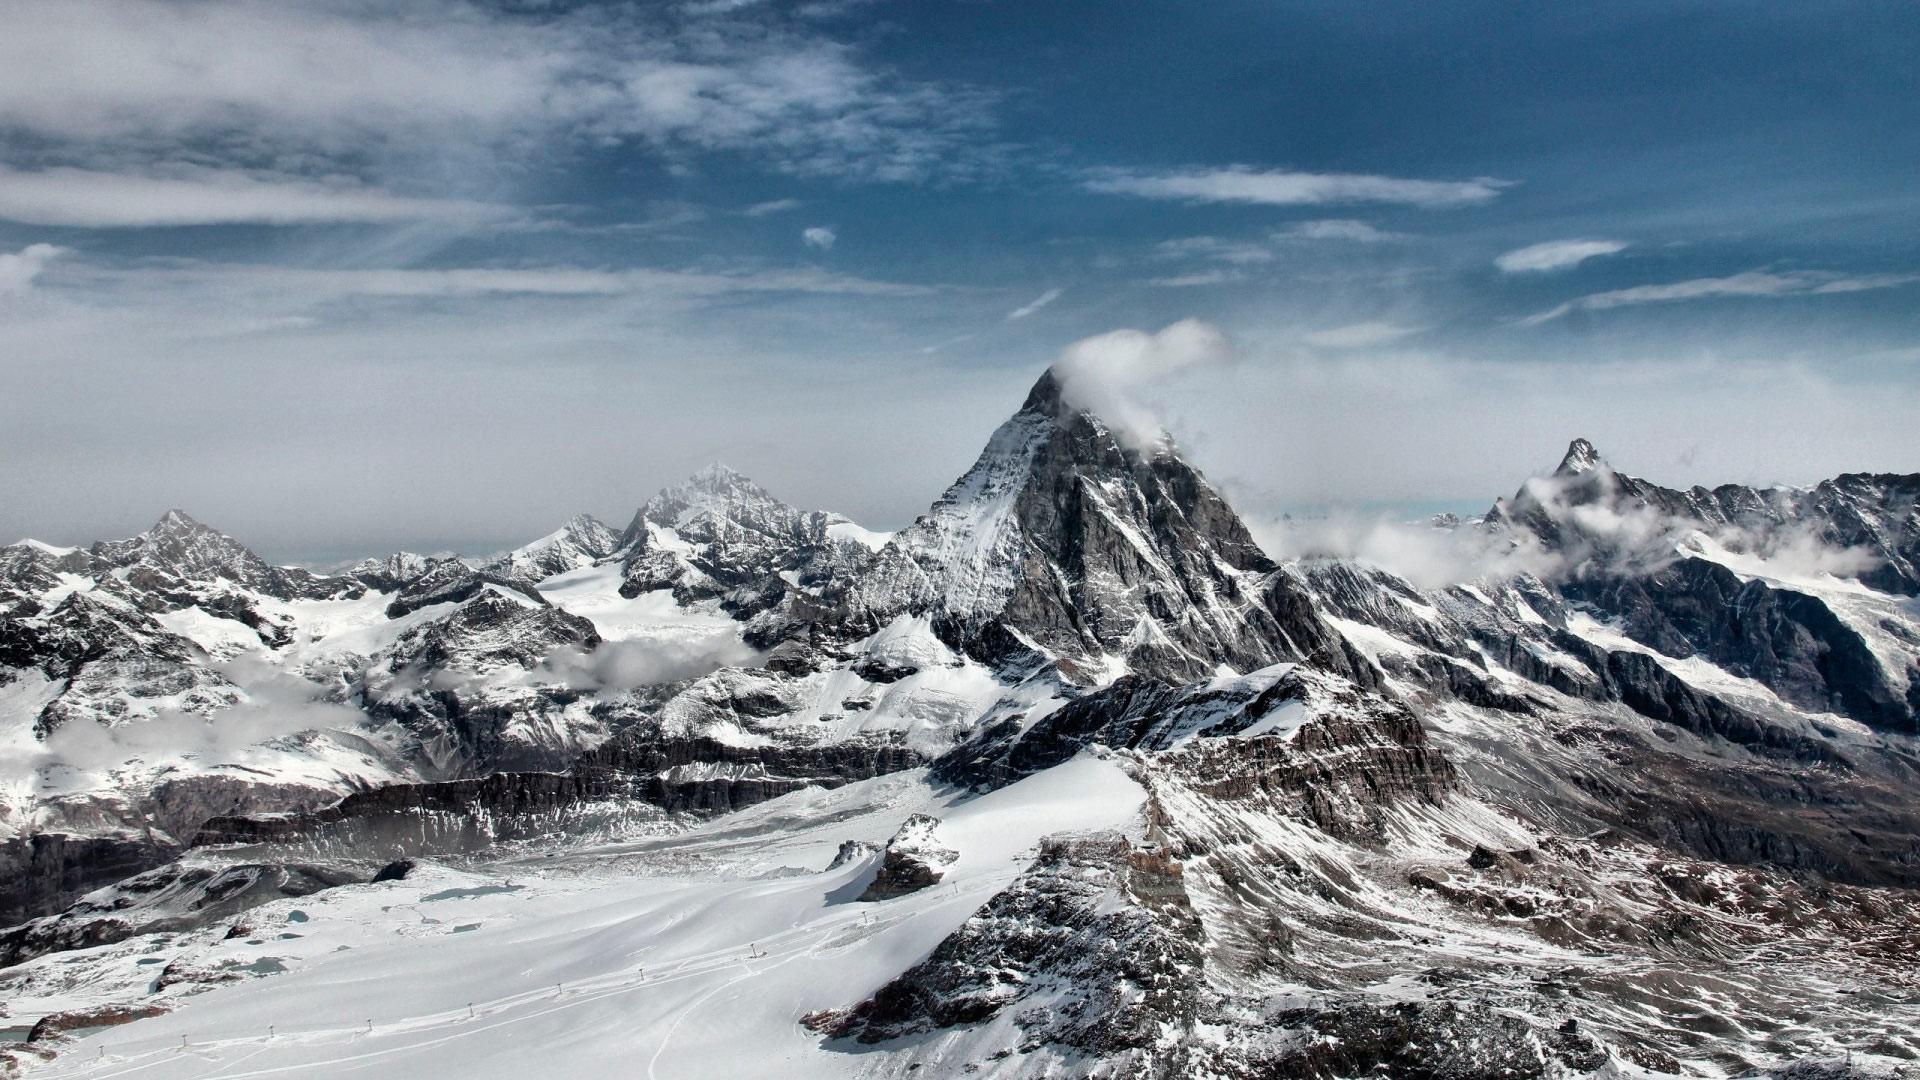 Snow Mountain Image